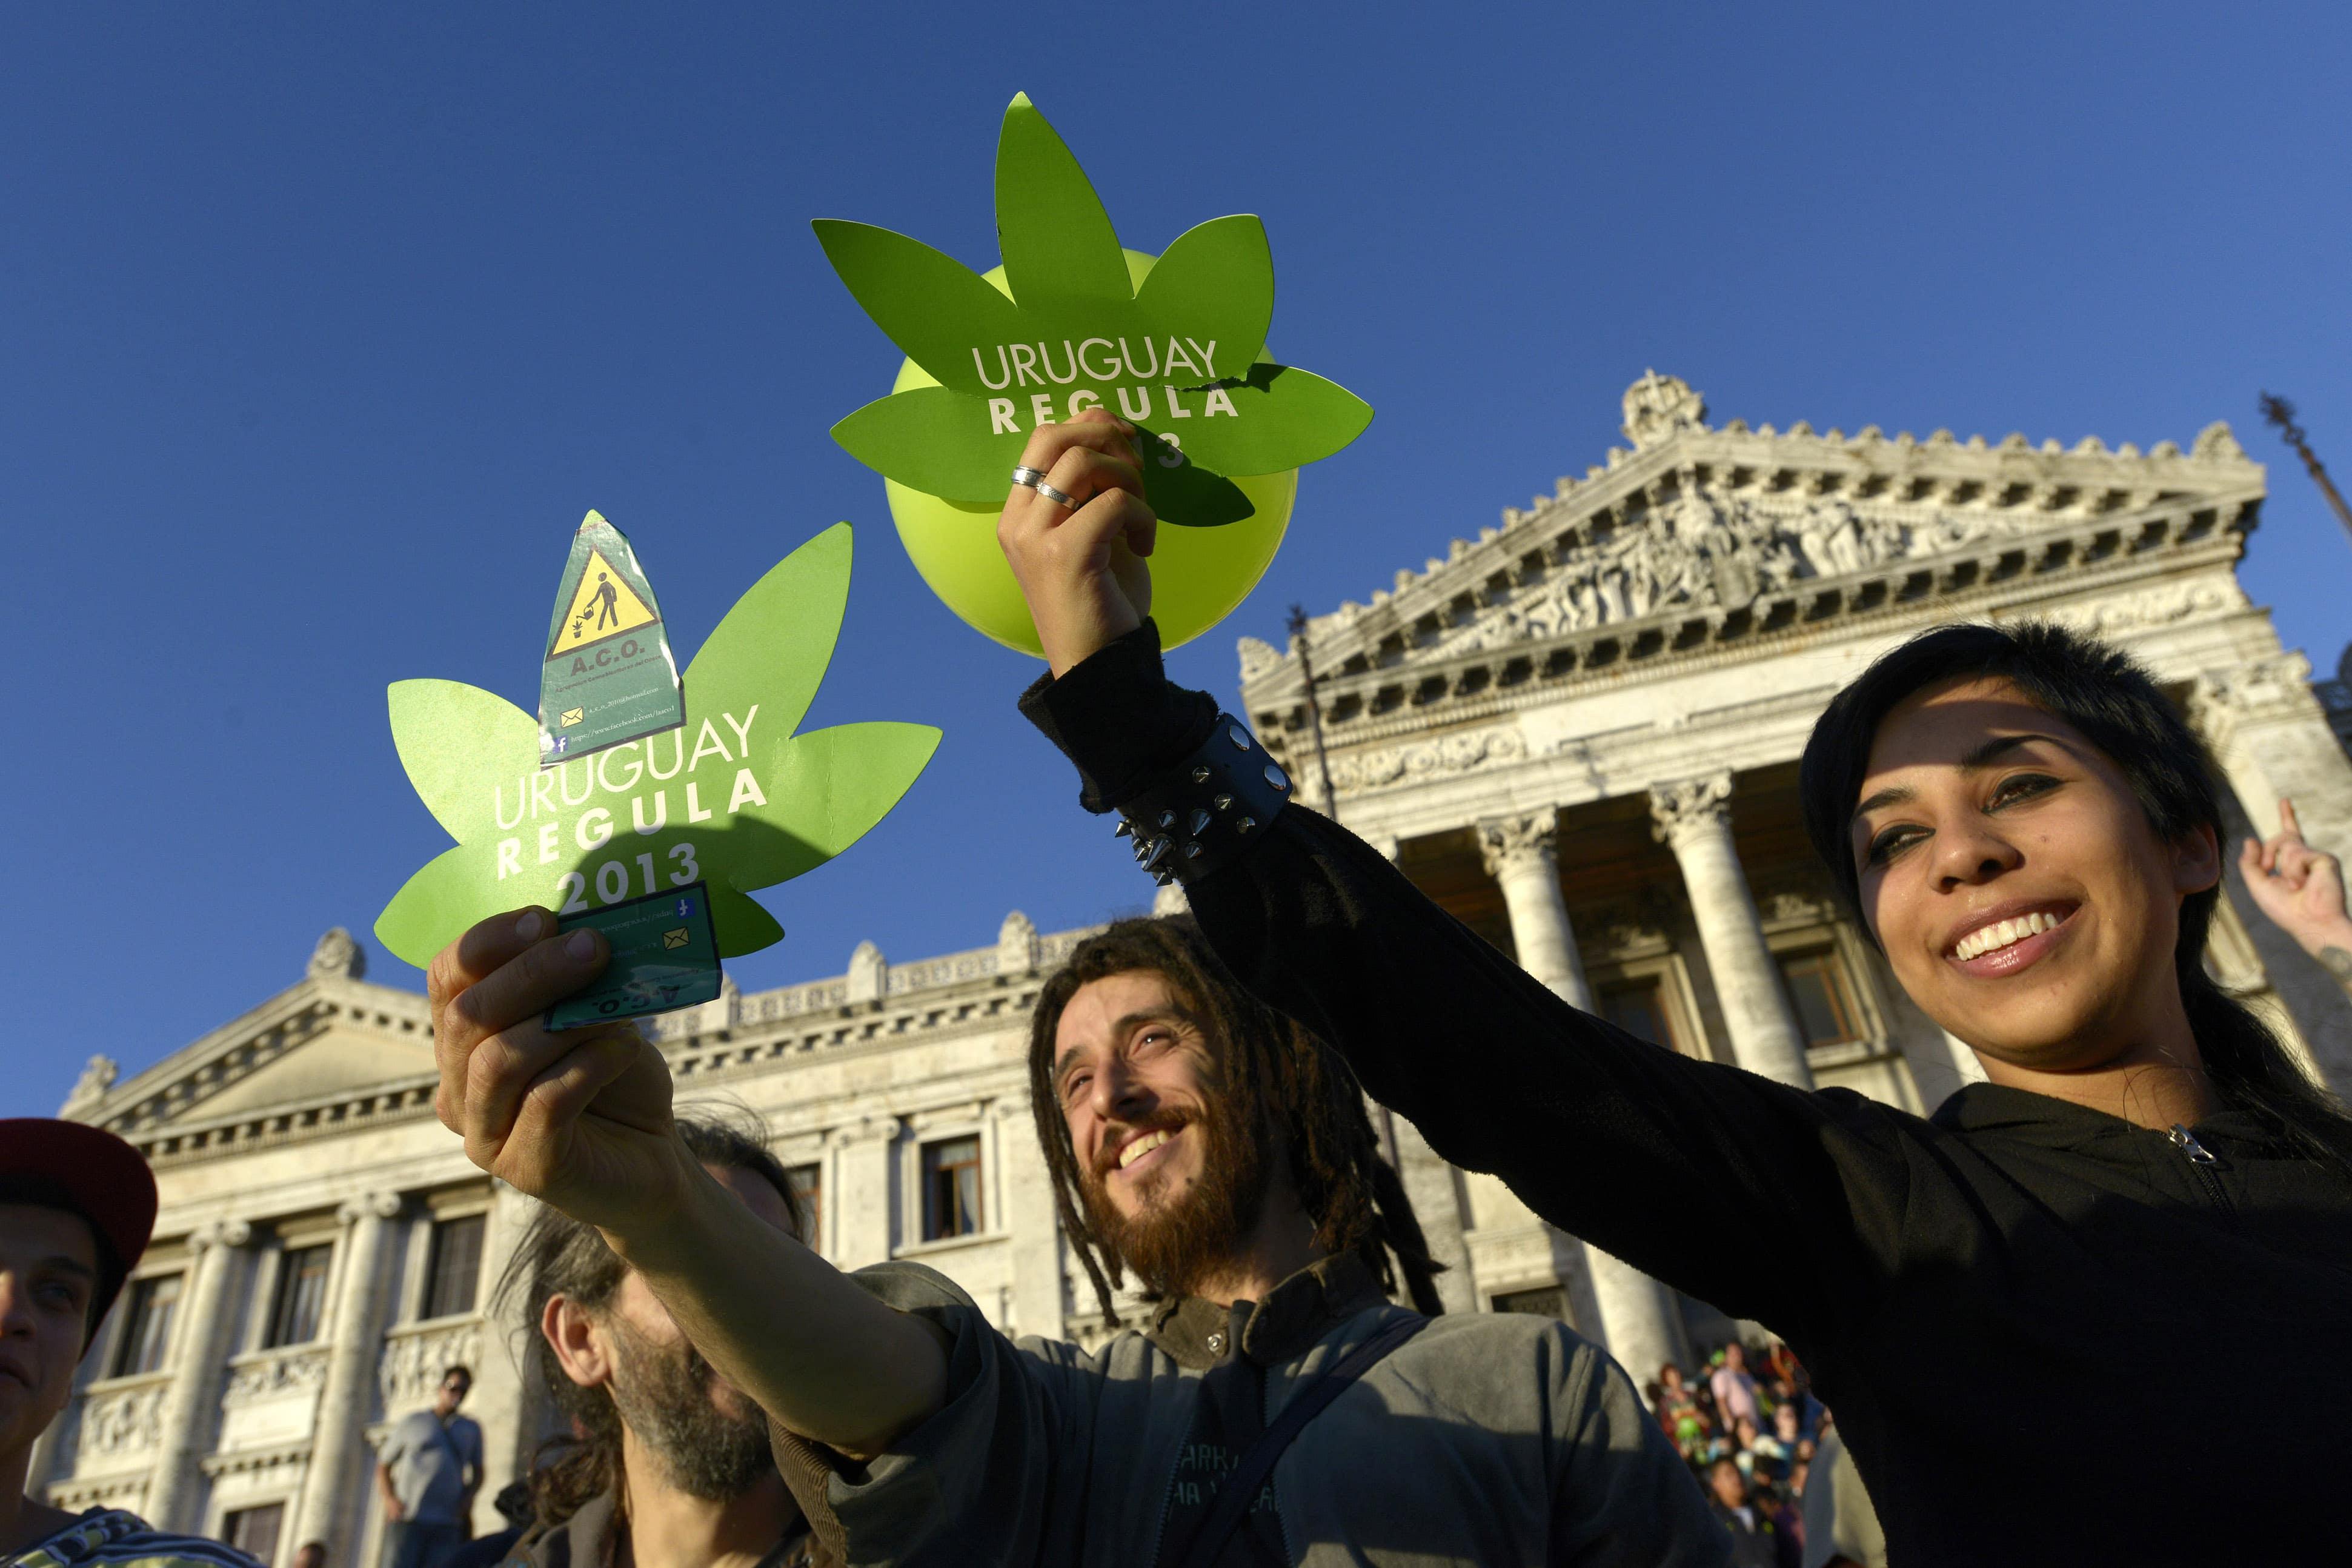 Nación Cannabis | Casi 4 mil uruguayos se apuntan para comprarle marihuana legal a su gobierno